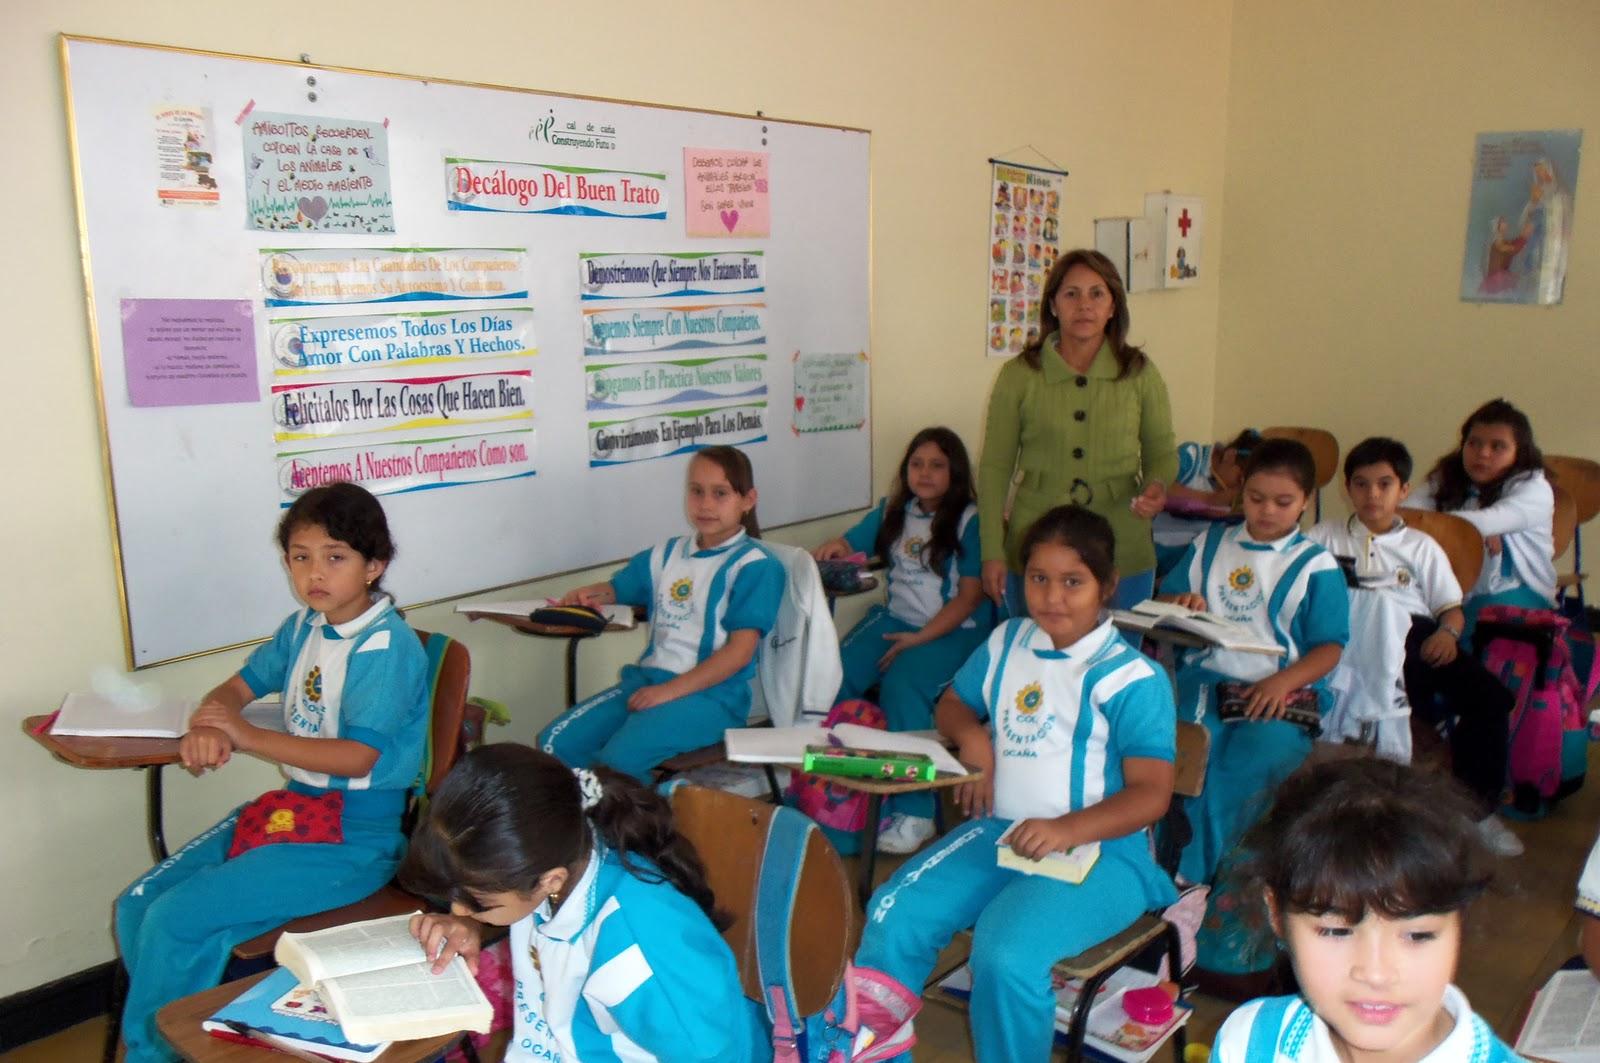 Cristi profesora de primaria - 3 5